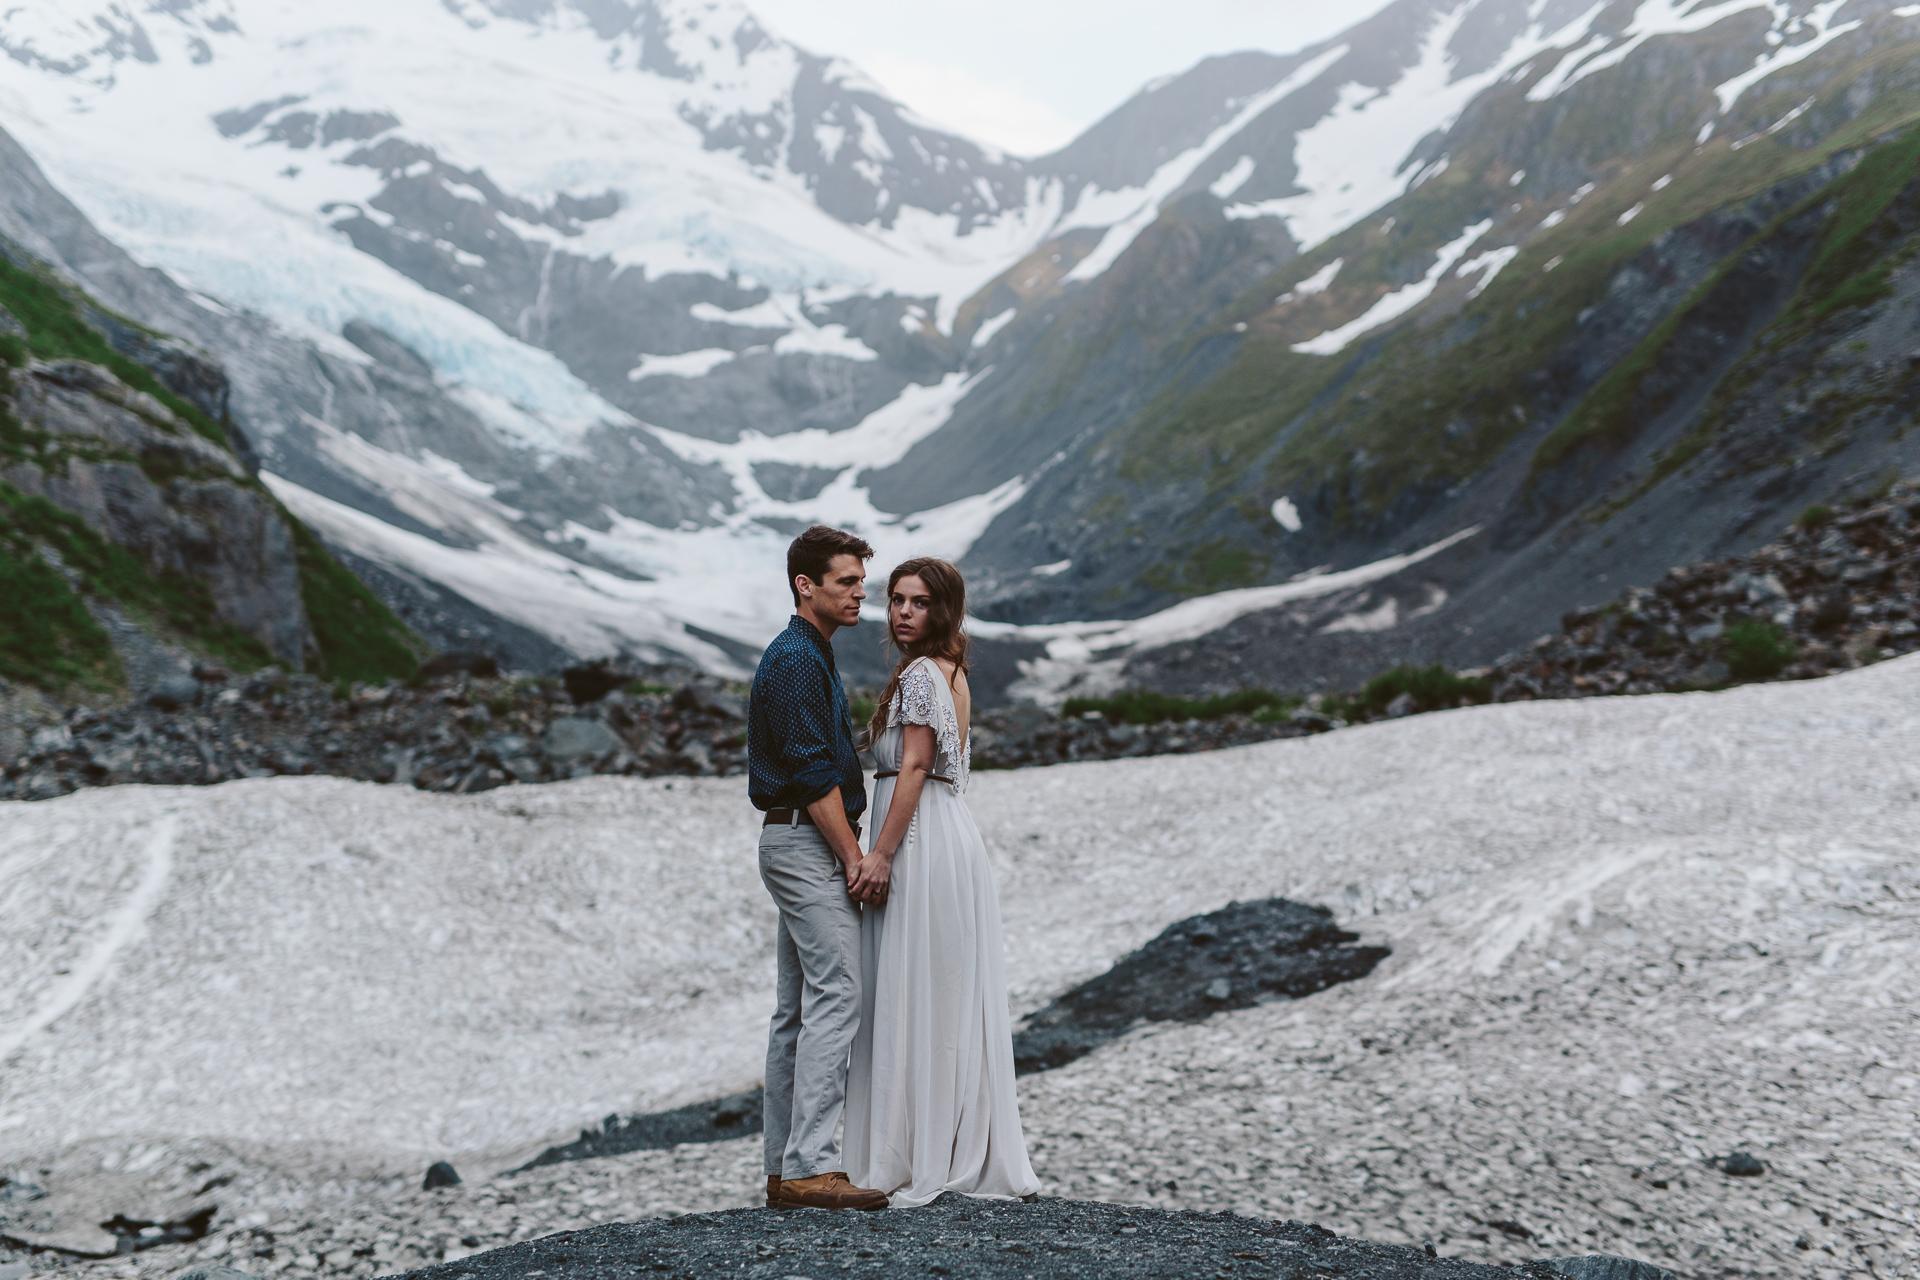 jess-hunter-photographer-alaska-destination-elopement-6402.jpg